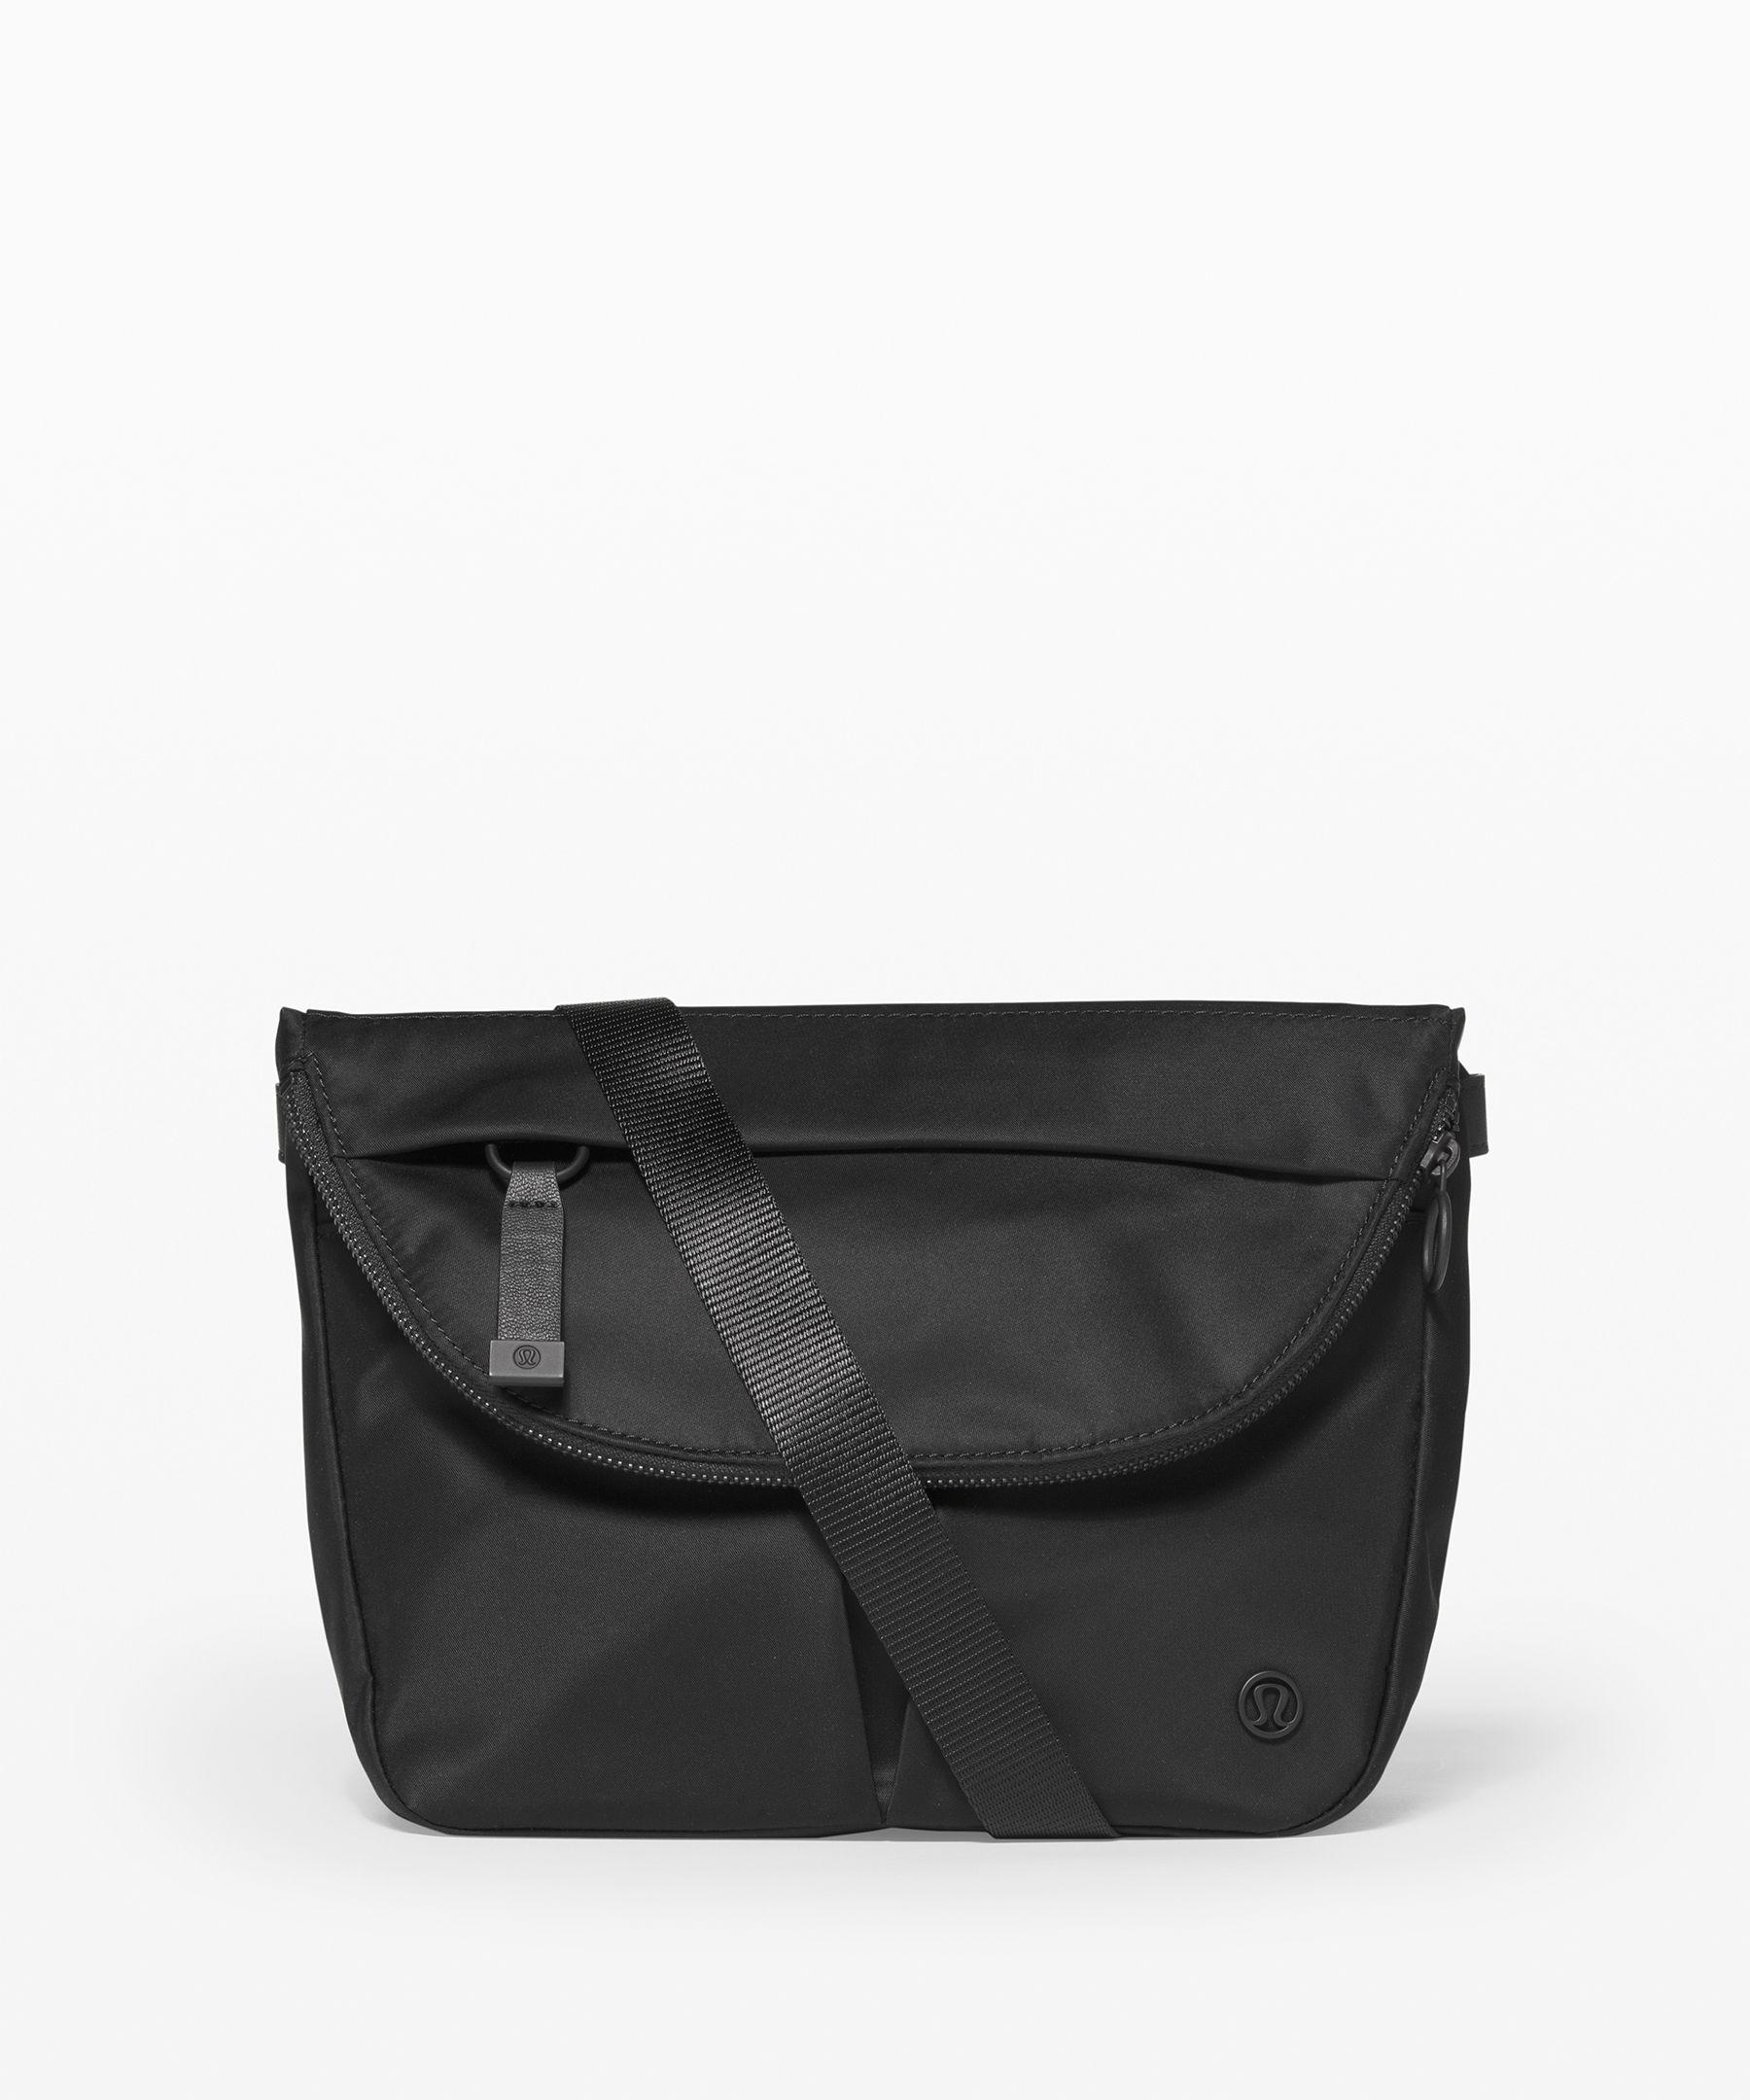 Lululemon All Night Festival Bag *5L In Black   ModeSens